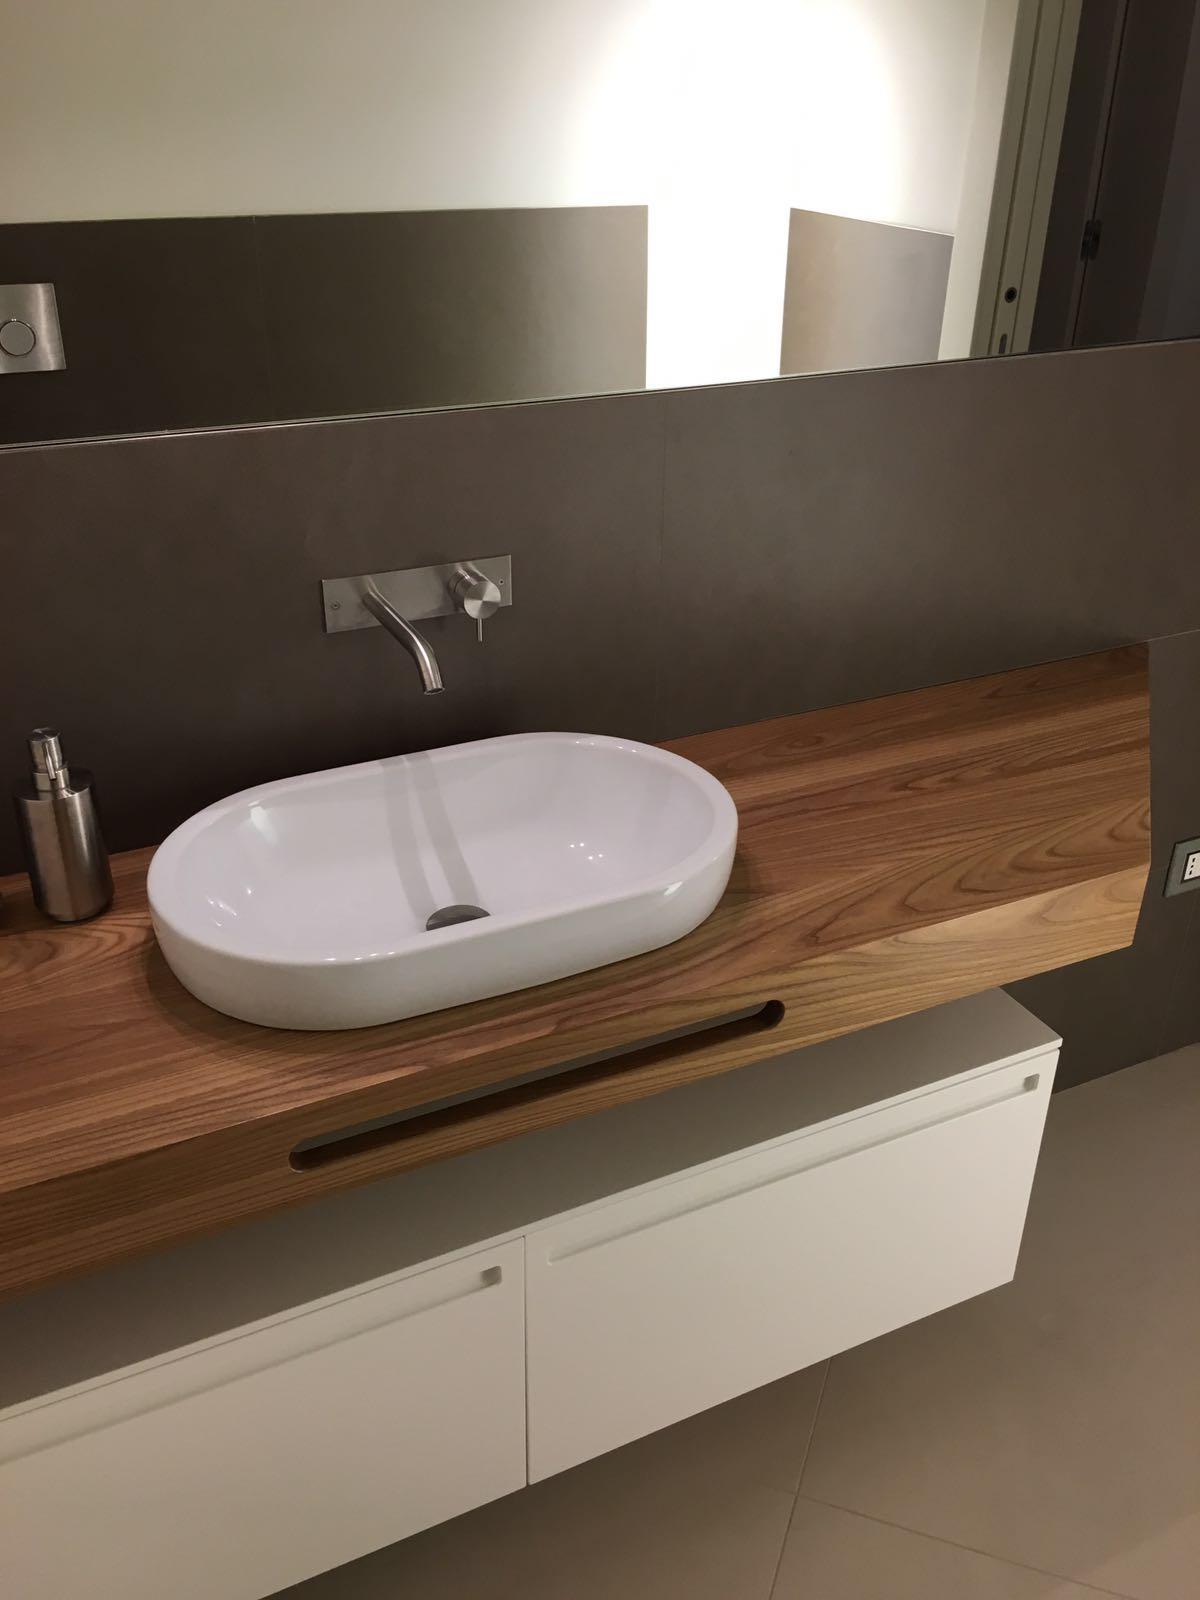 Mobile Bagno con Mensola Sagomata in Olmo | Arredamenti Barin